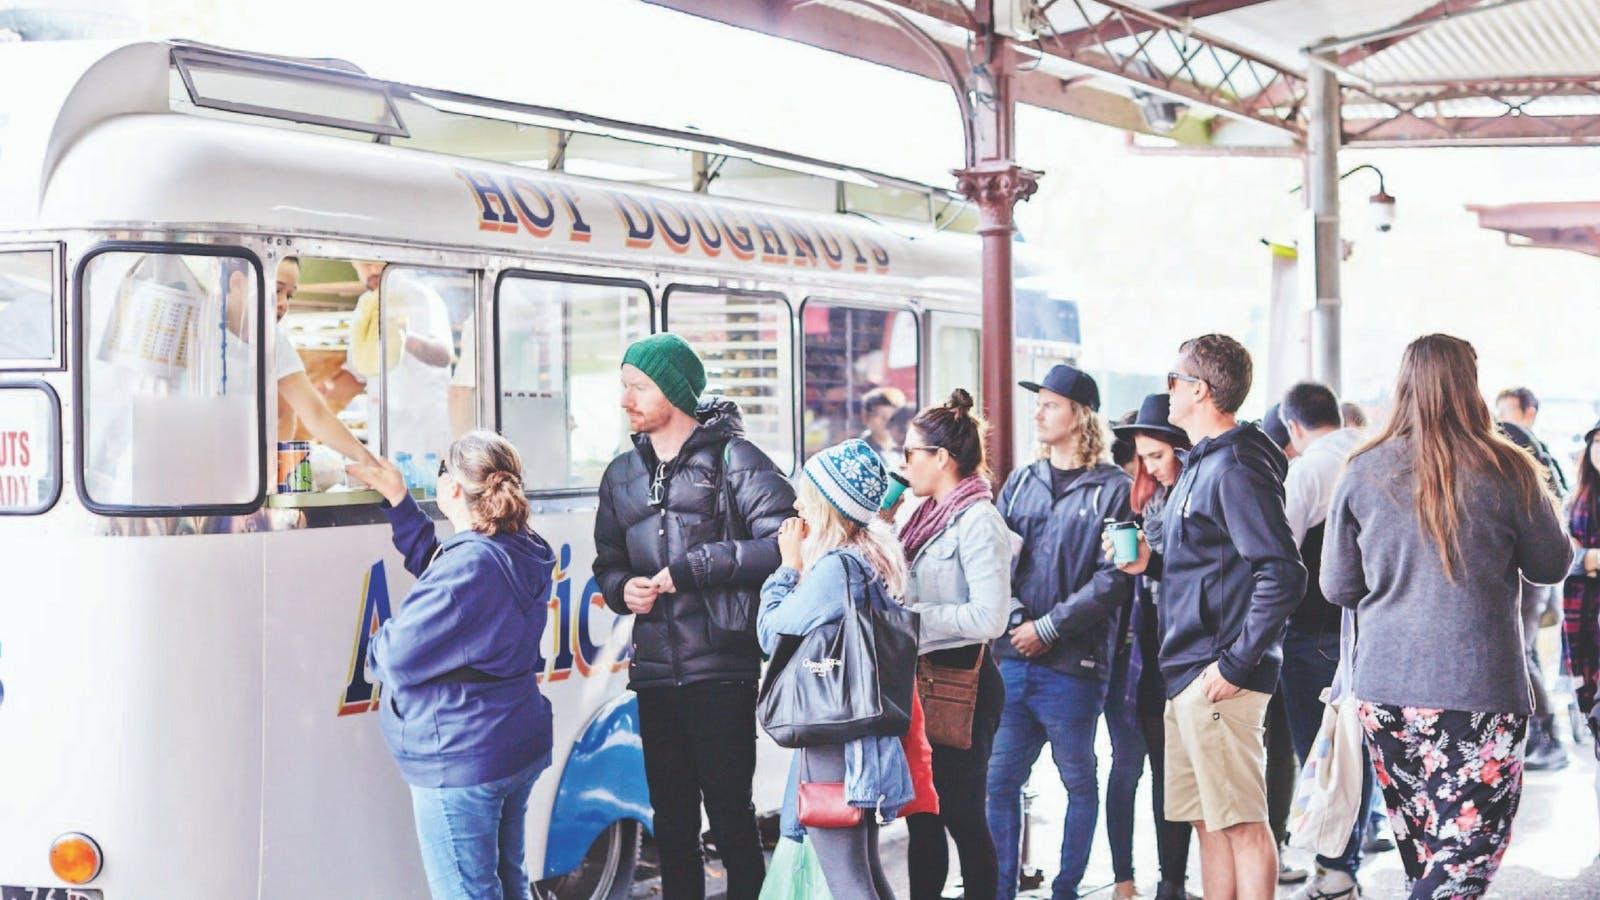 Queen Victoria Market - American Donut Van